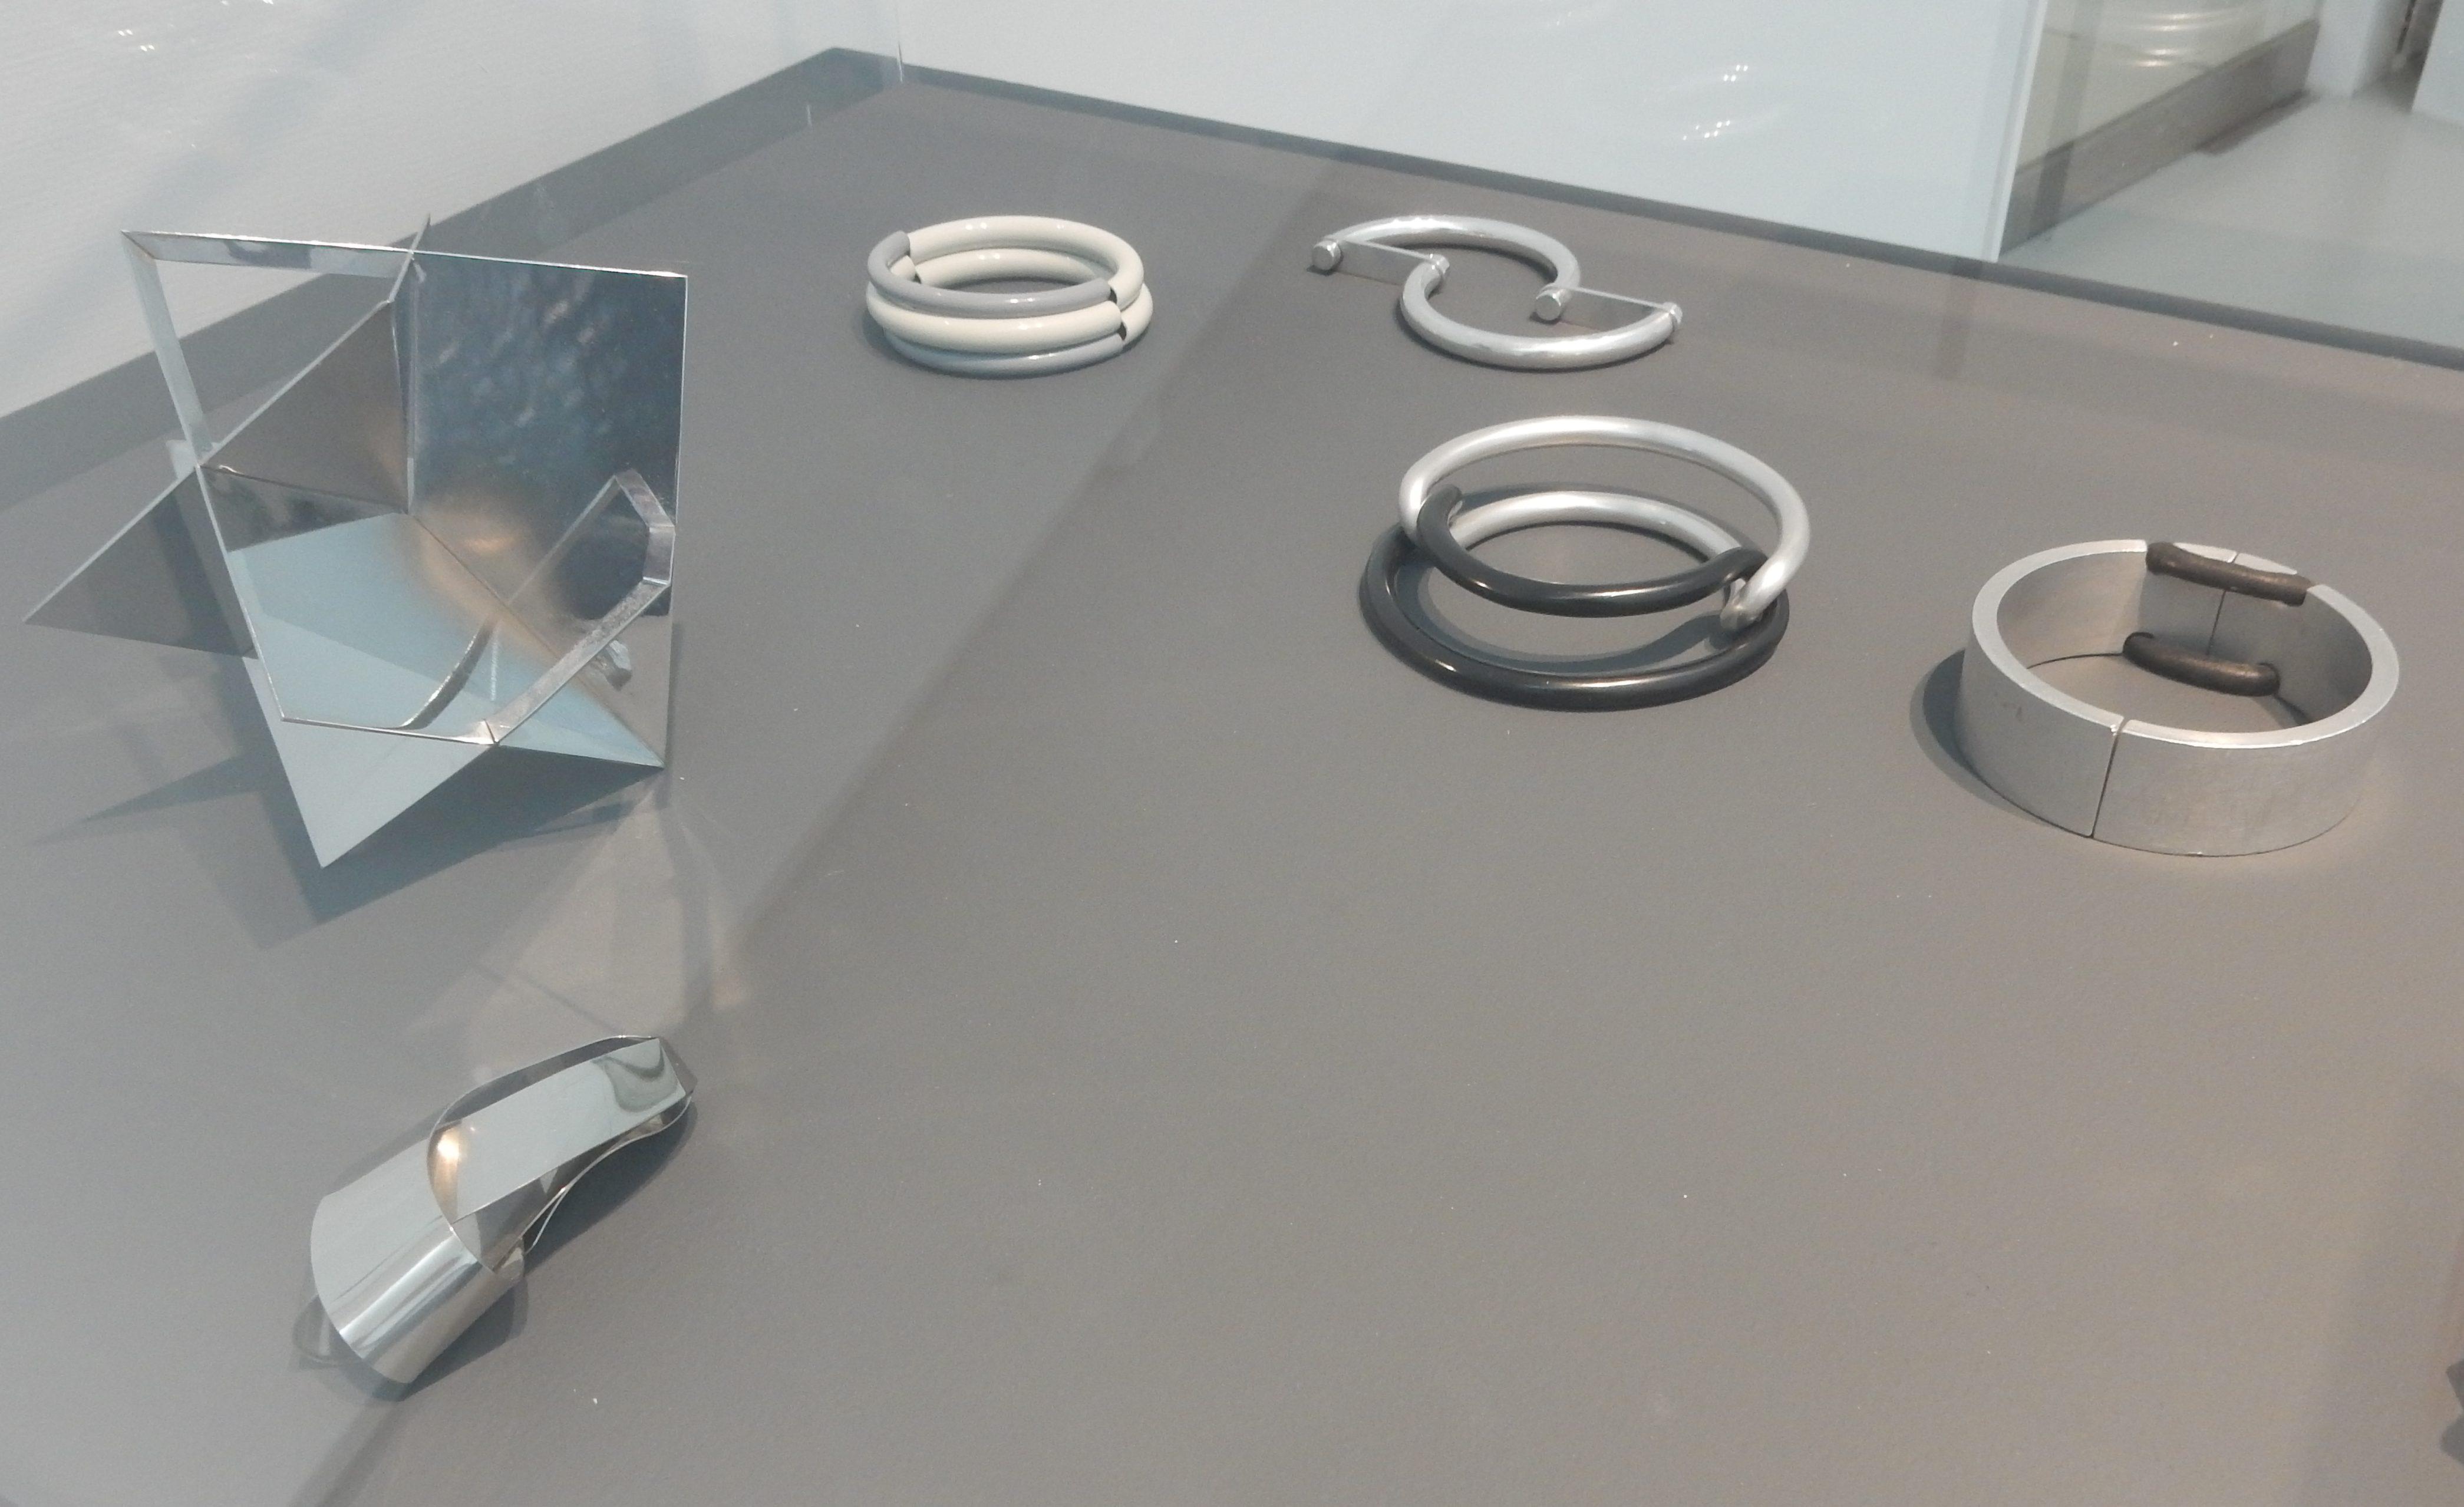 Nicolaas van Beek en Françoise van den Bosch. Show Yourself, Design Museum Den Bosch, 2018. Collectie Benno Premsela, objecten, armbanden, metaal, aluminium, rubber, vitrine, tentoonstelling